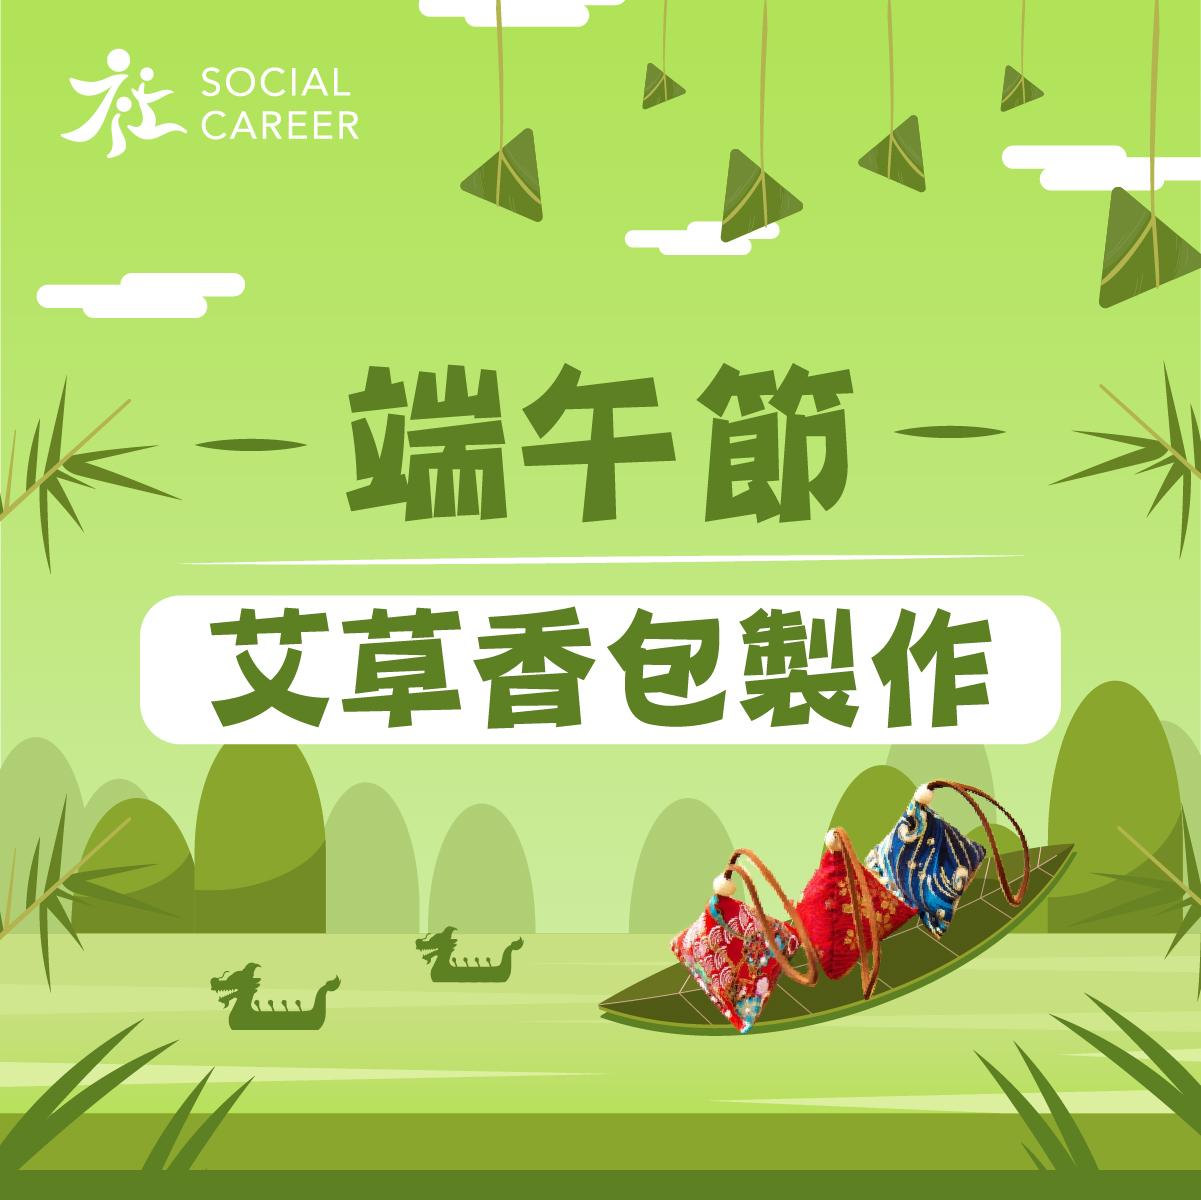 社職端午節艾草香包製作 2021_Social Career